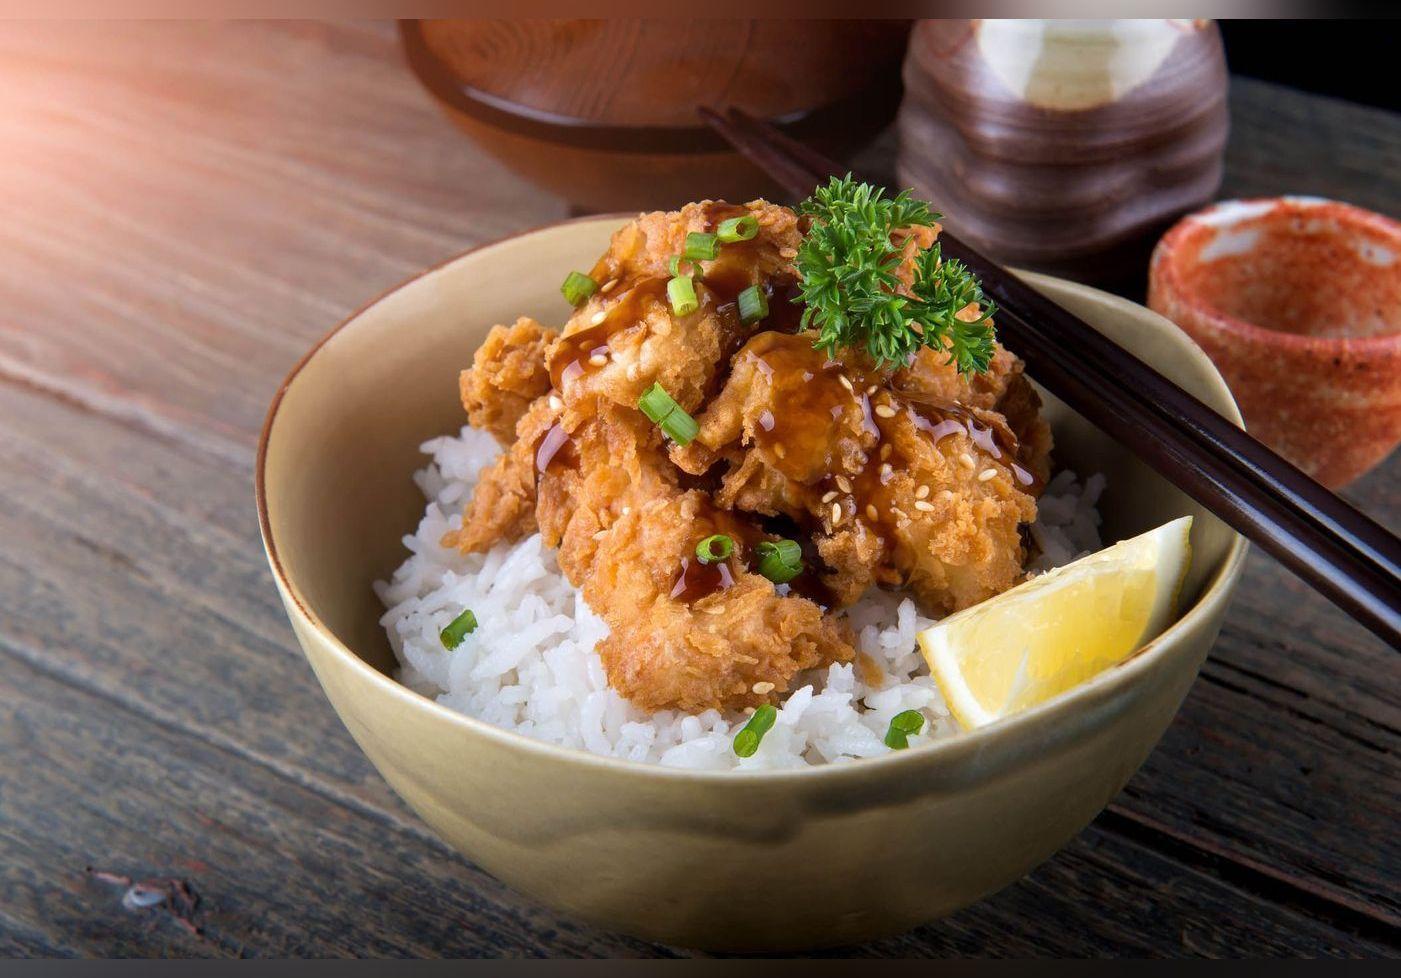 Juan Arbelaez nous régale avec une recette japonaise de poulet frit. Un plat simplissime et plein de saveurs.